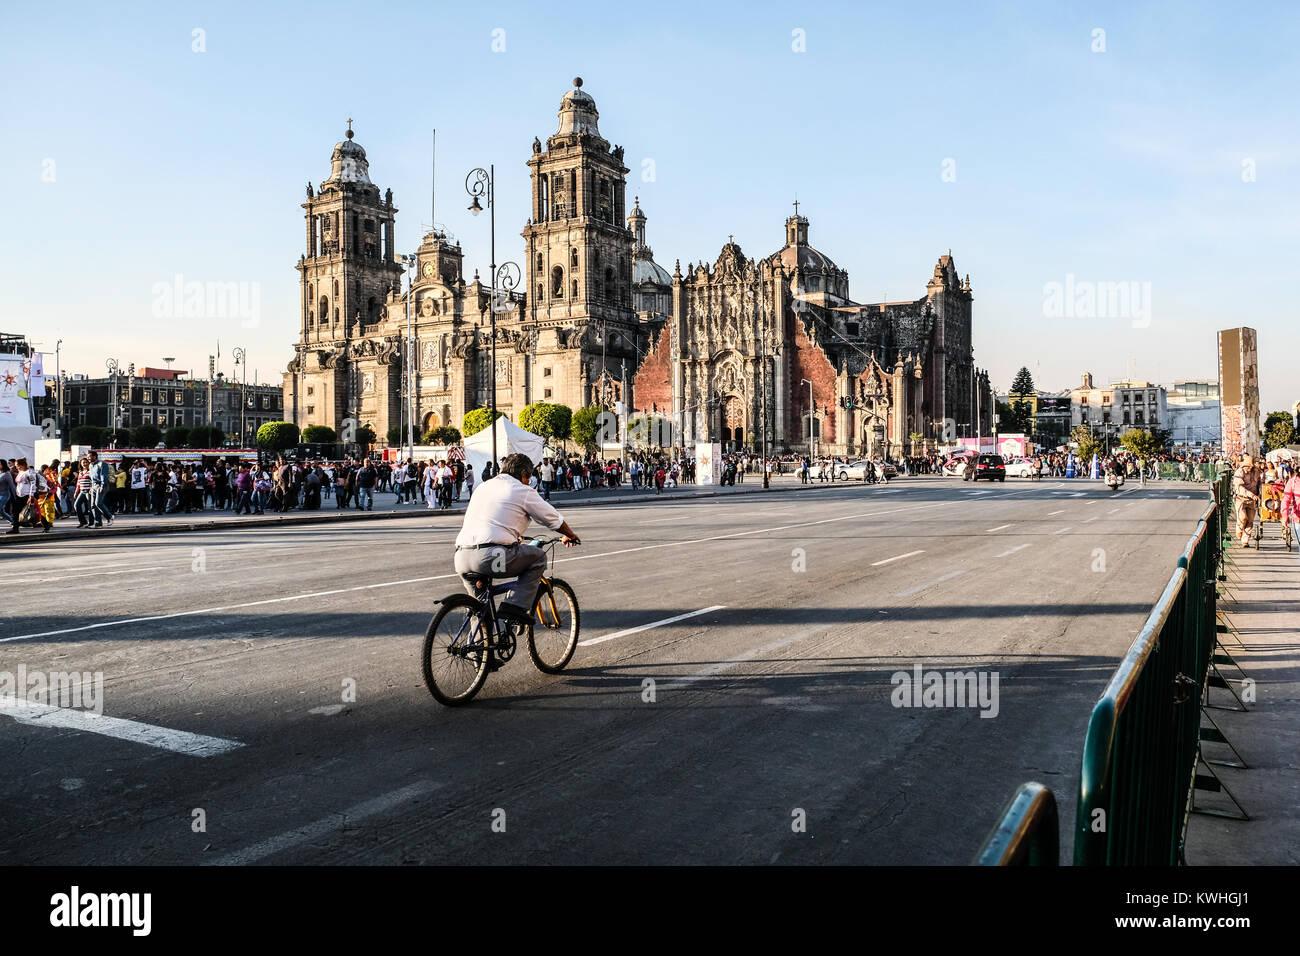 Un ciclista solitario cabalgando sobre calle vacía por la plaza Zócalo de la Ciudad de México Imagen De Stock